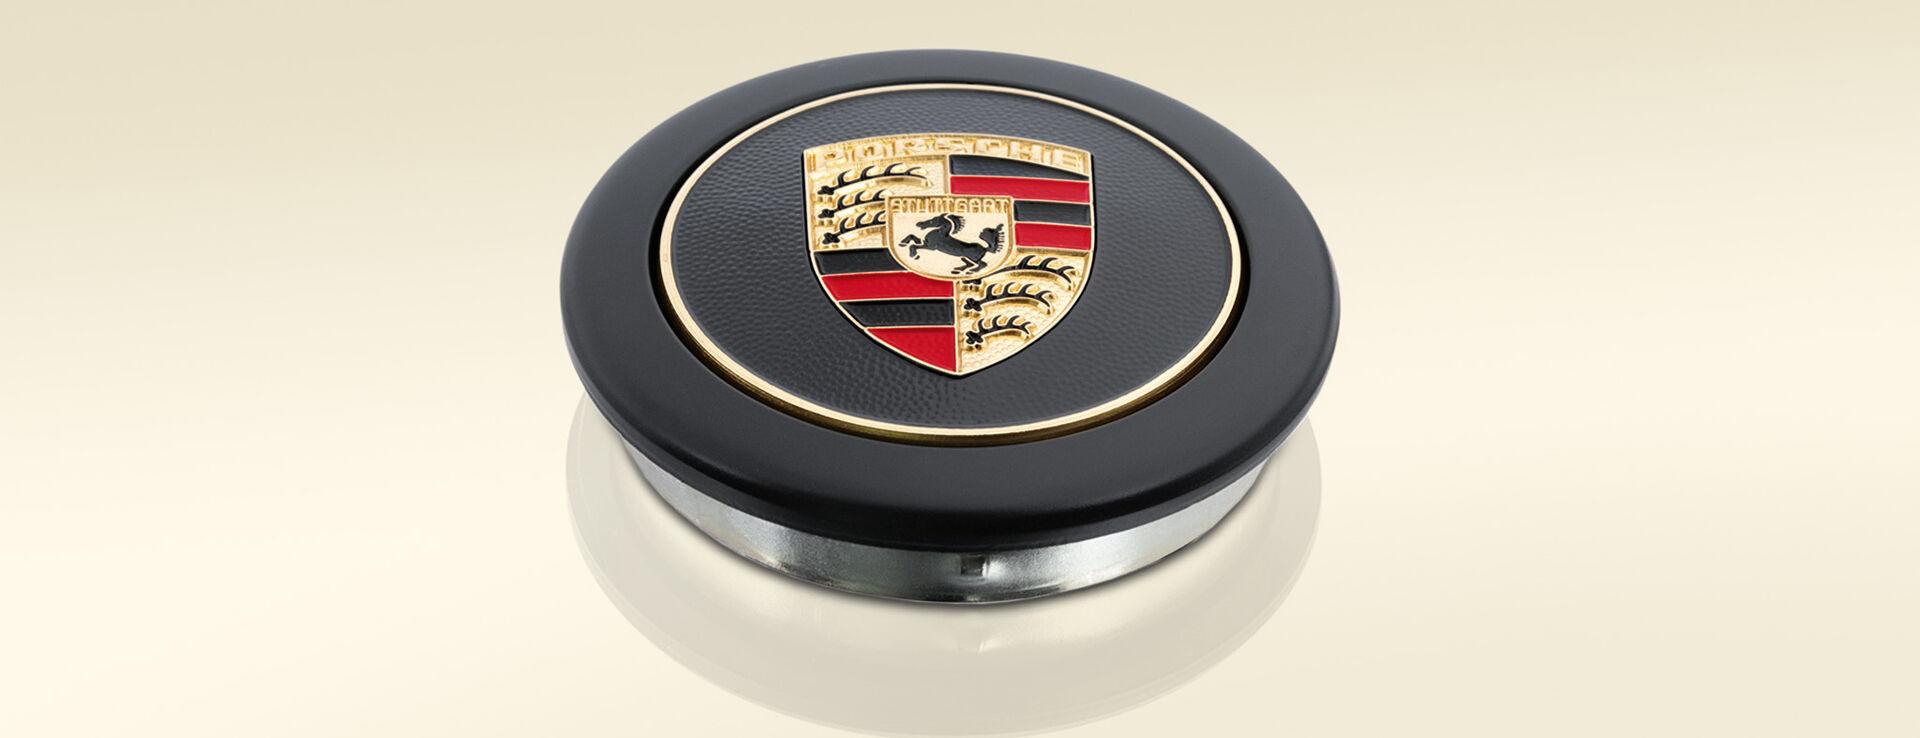 Porsche Original Radzierdeckel Produkthighlights